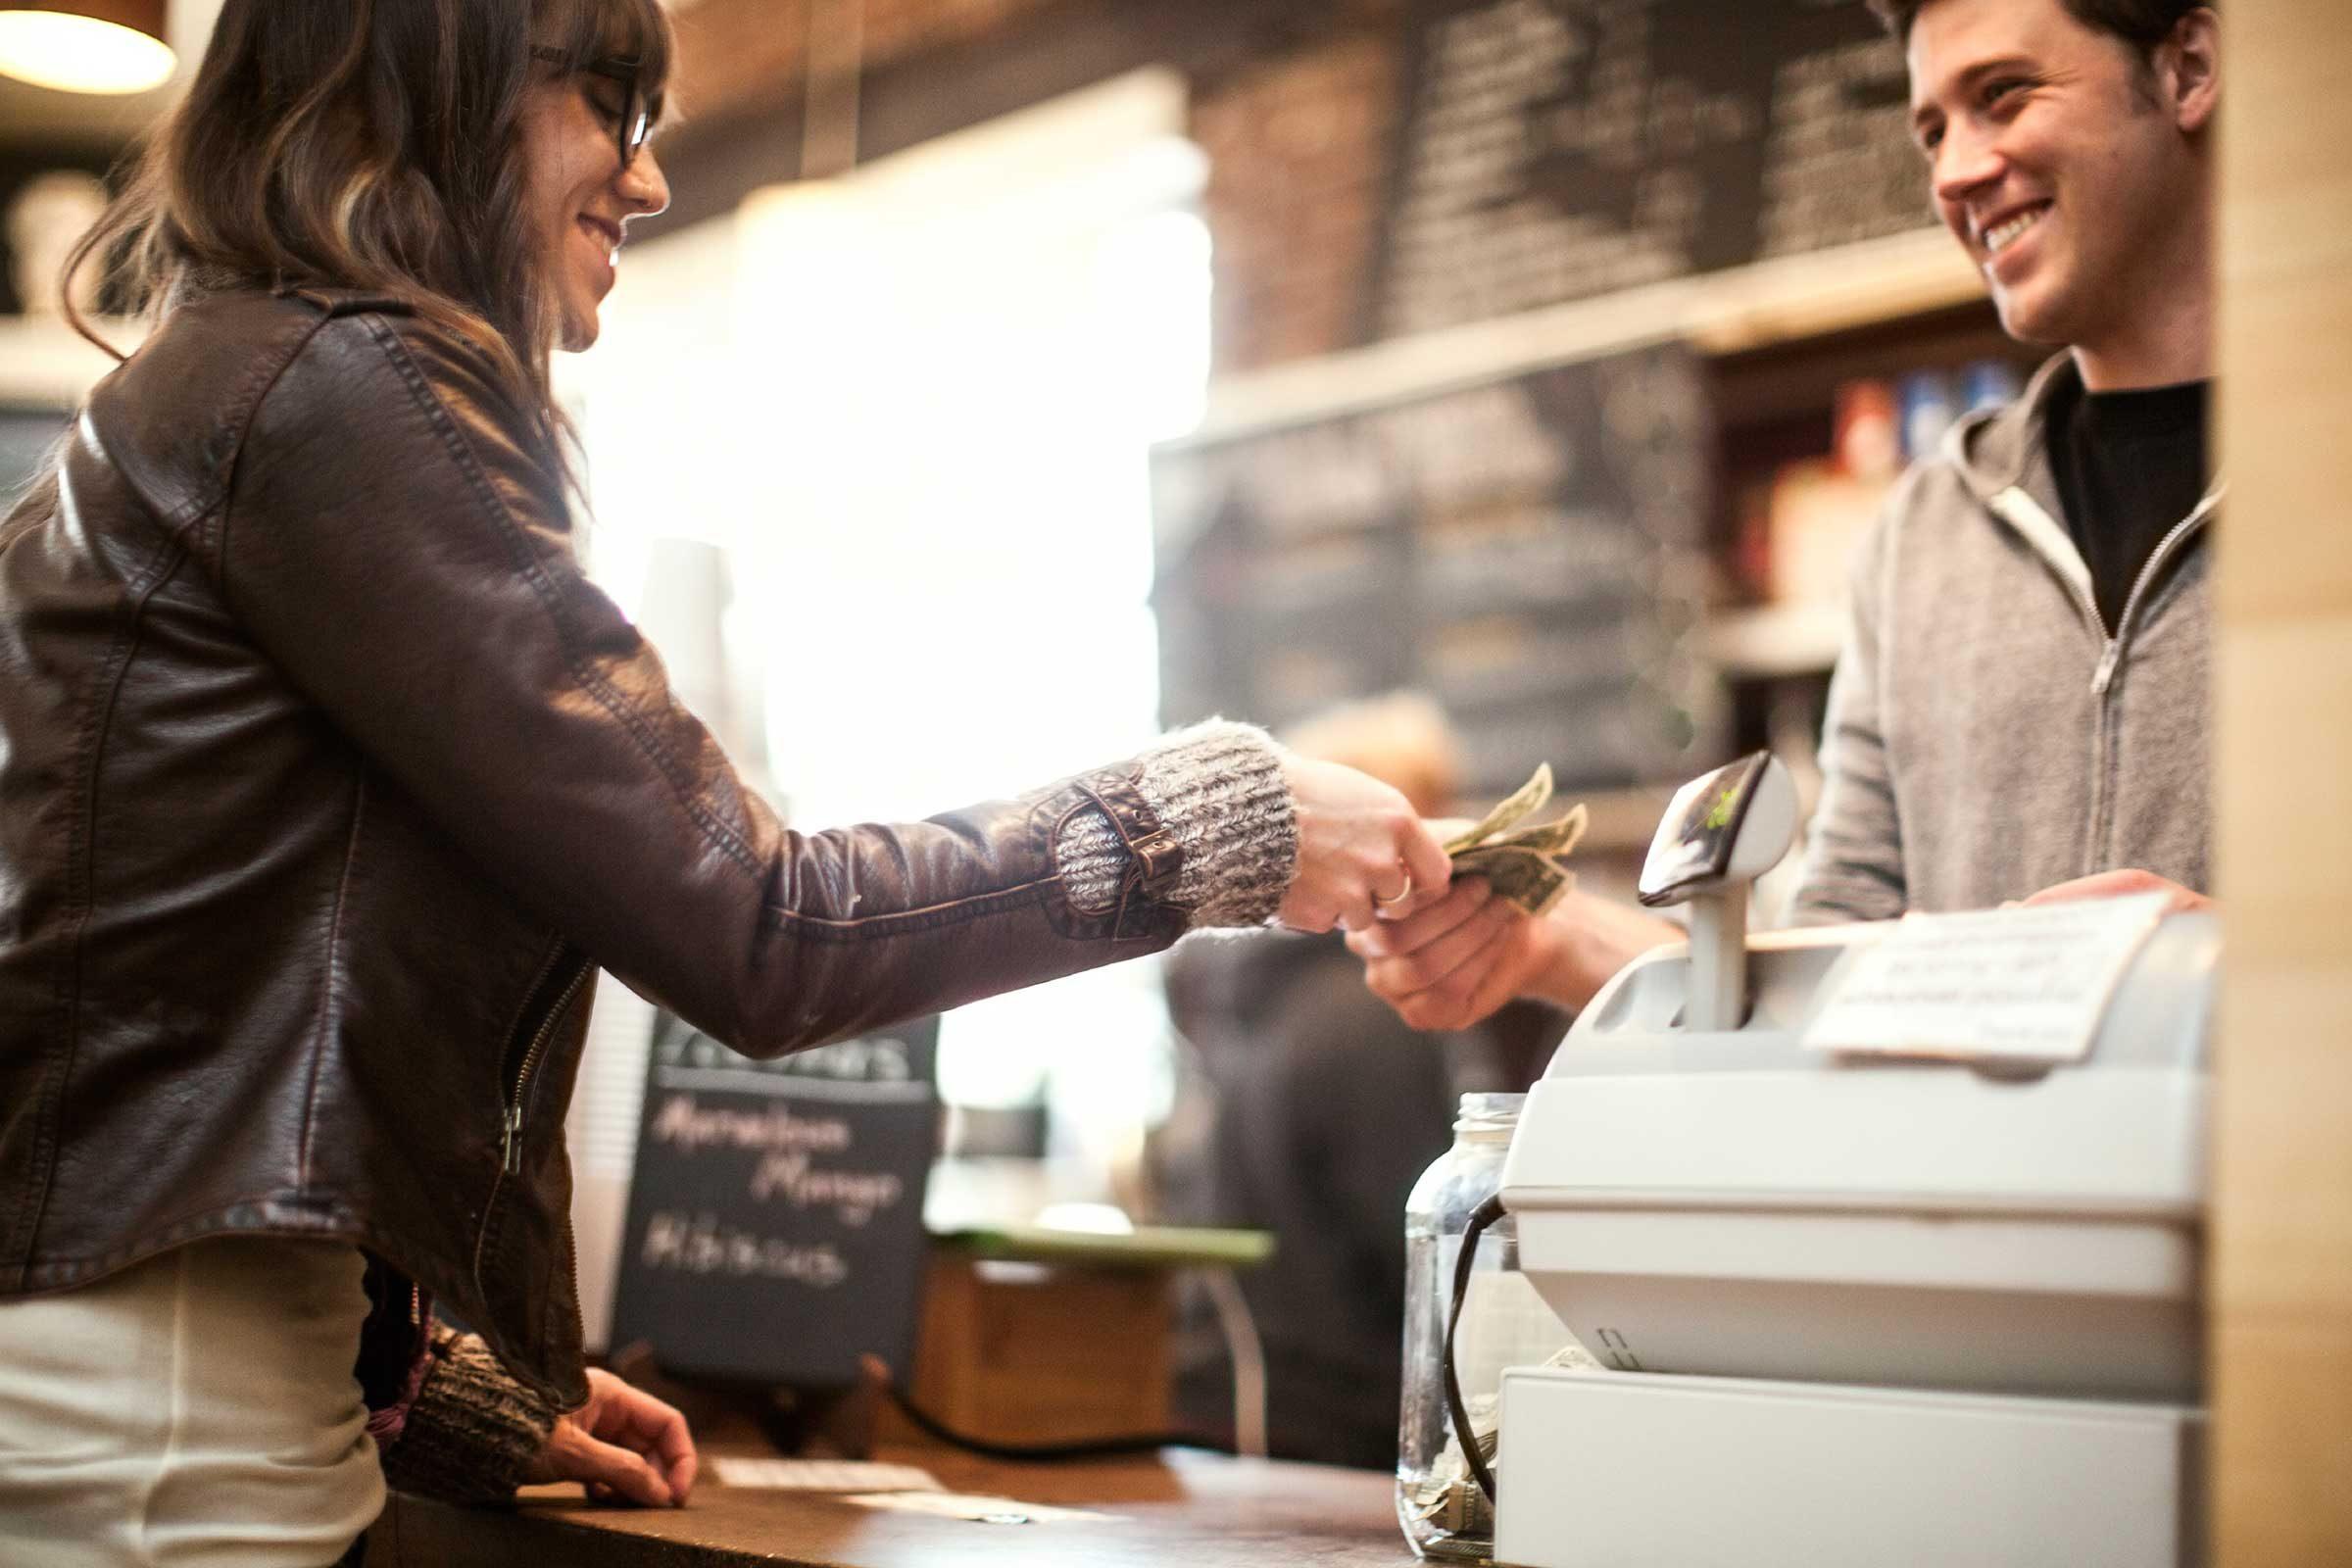 Les gens qui économisent de l'argent notent les petites dépenses.